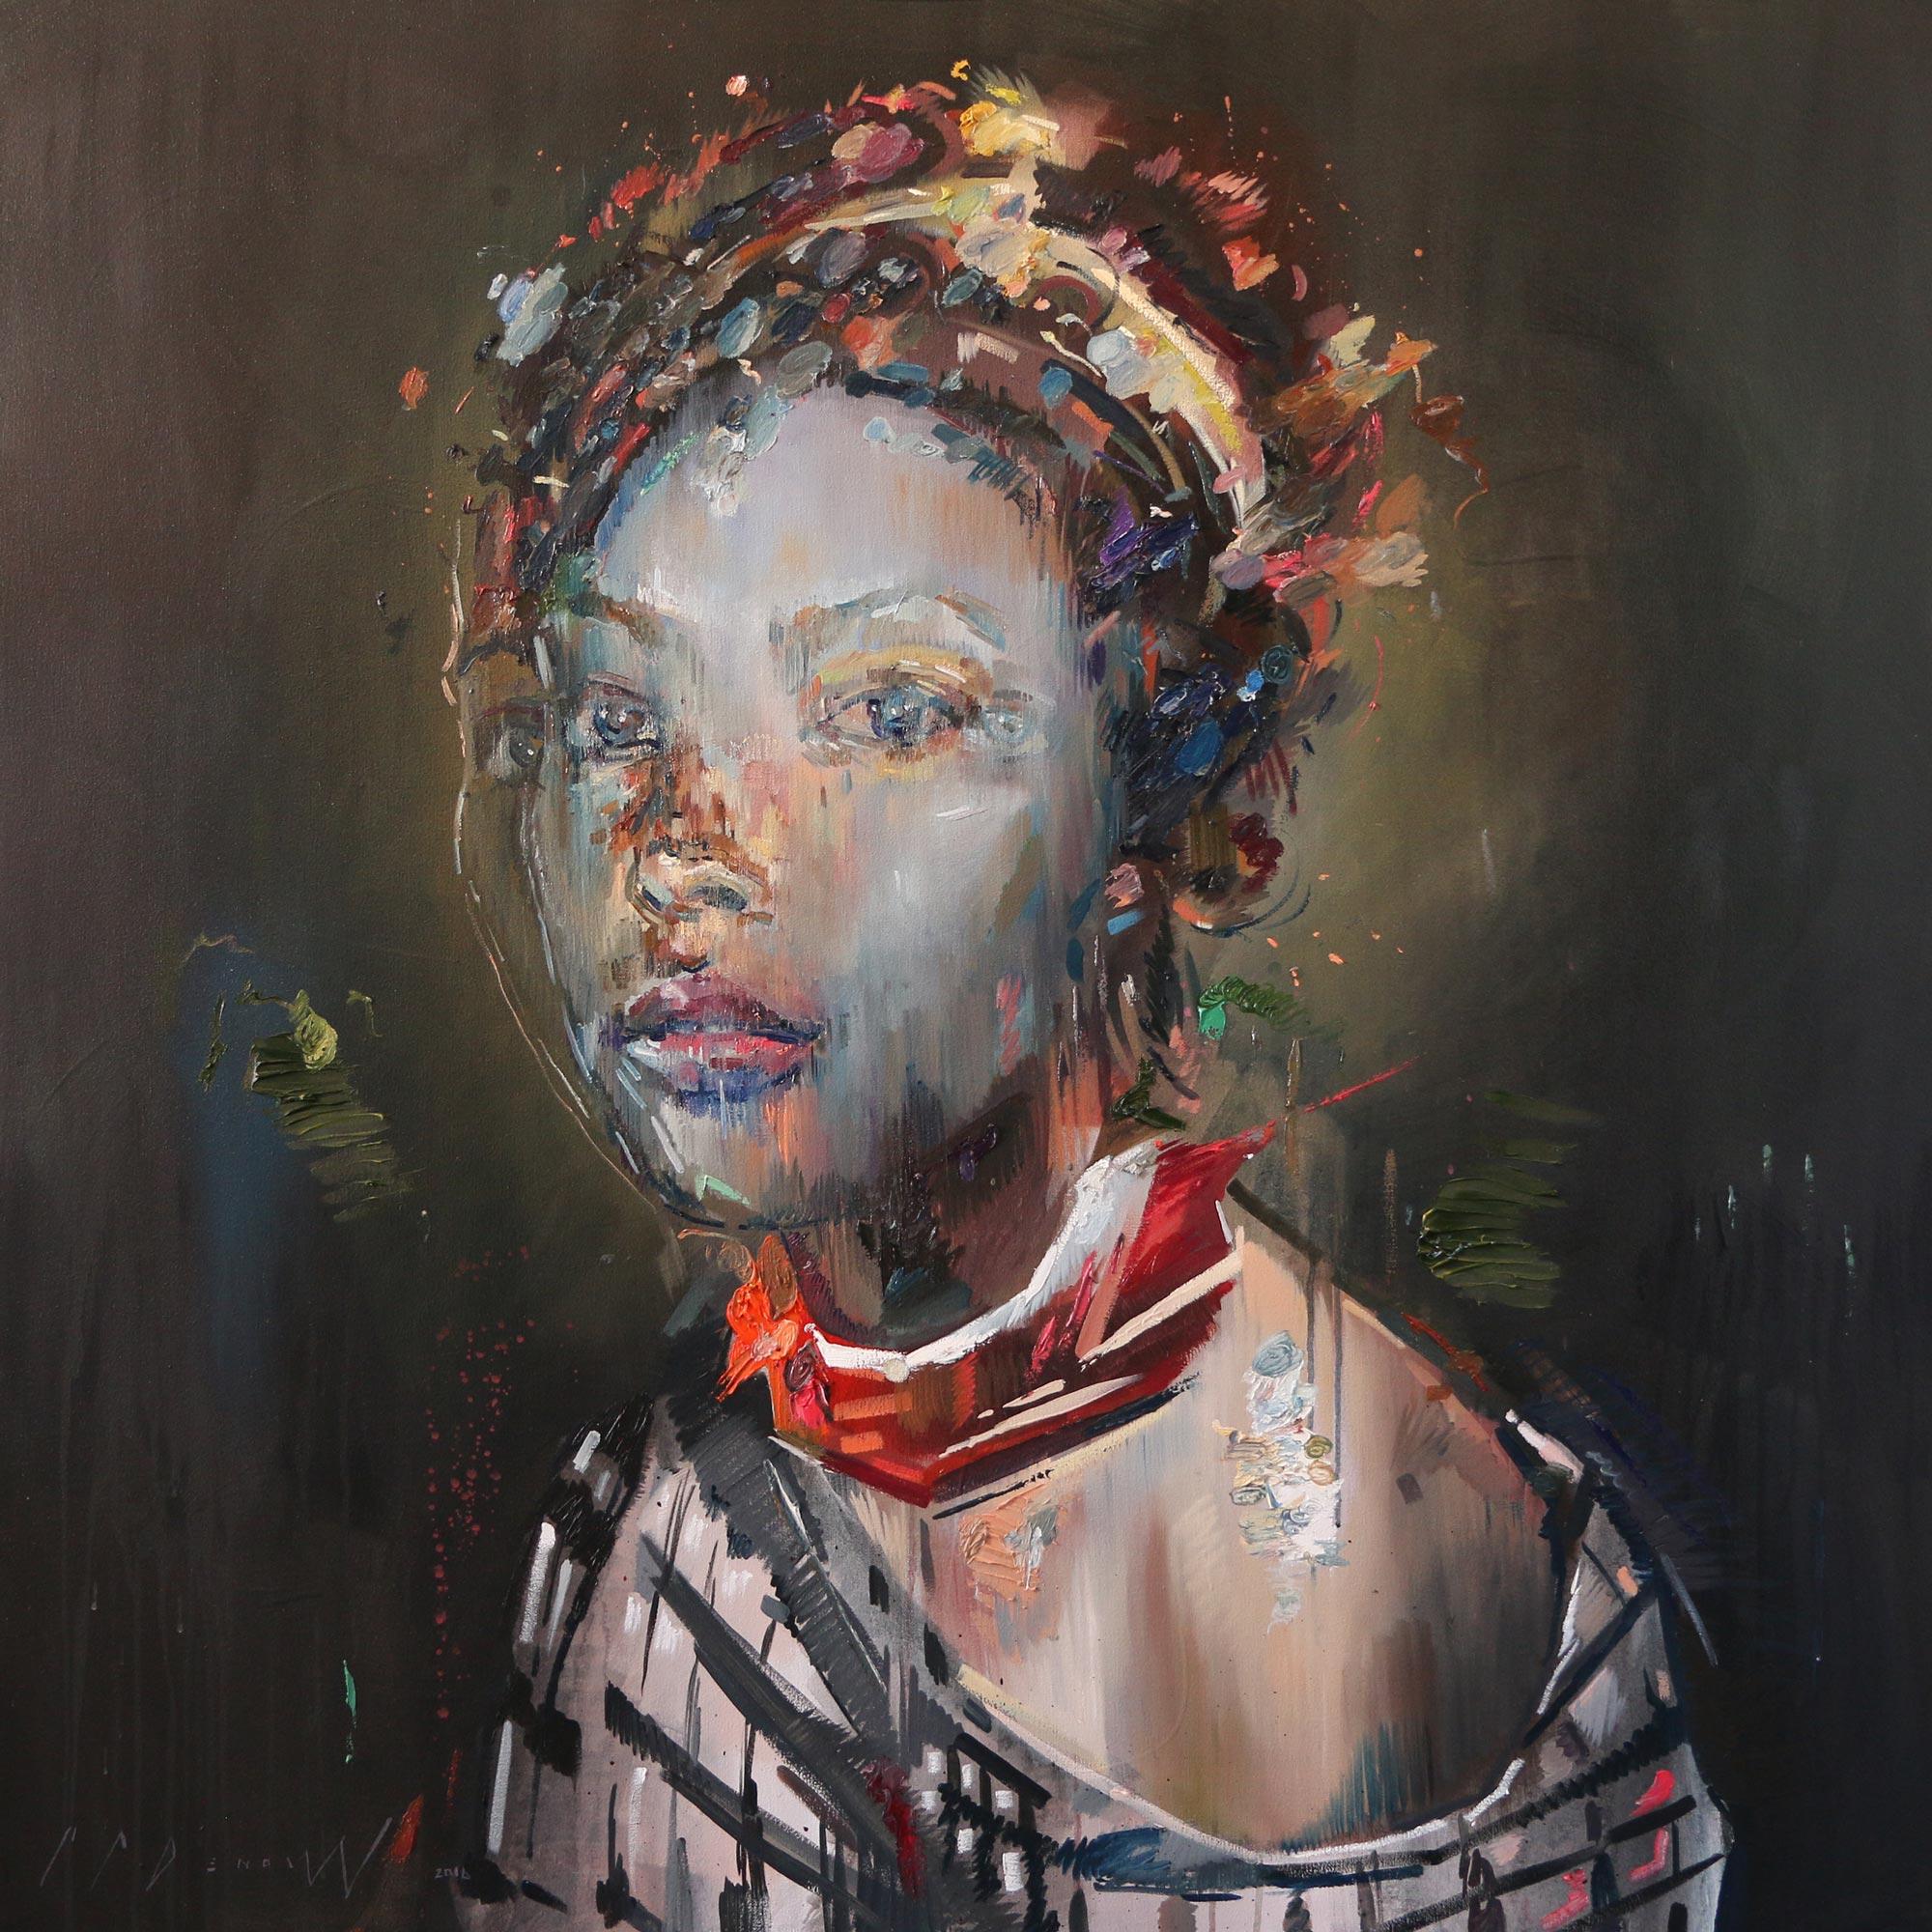 Corroded Neon (Anne Ariesen).  Oil on canvas.130cm x 130cm.